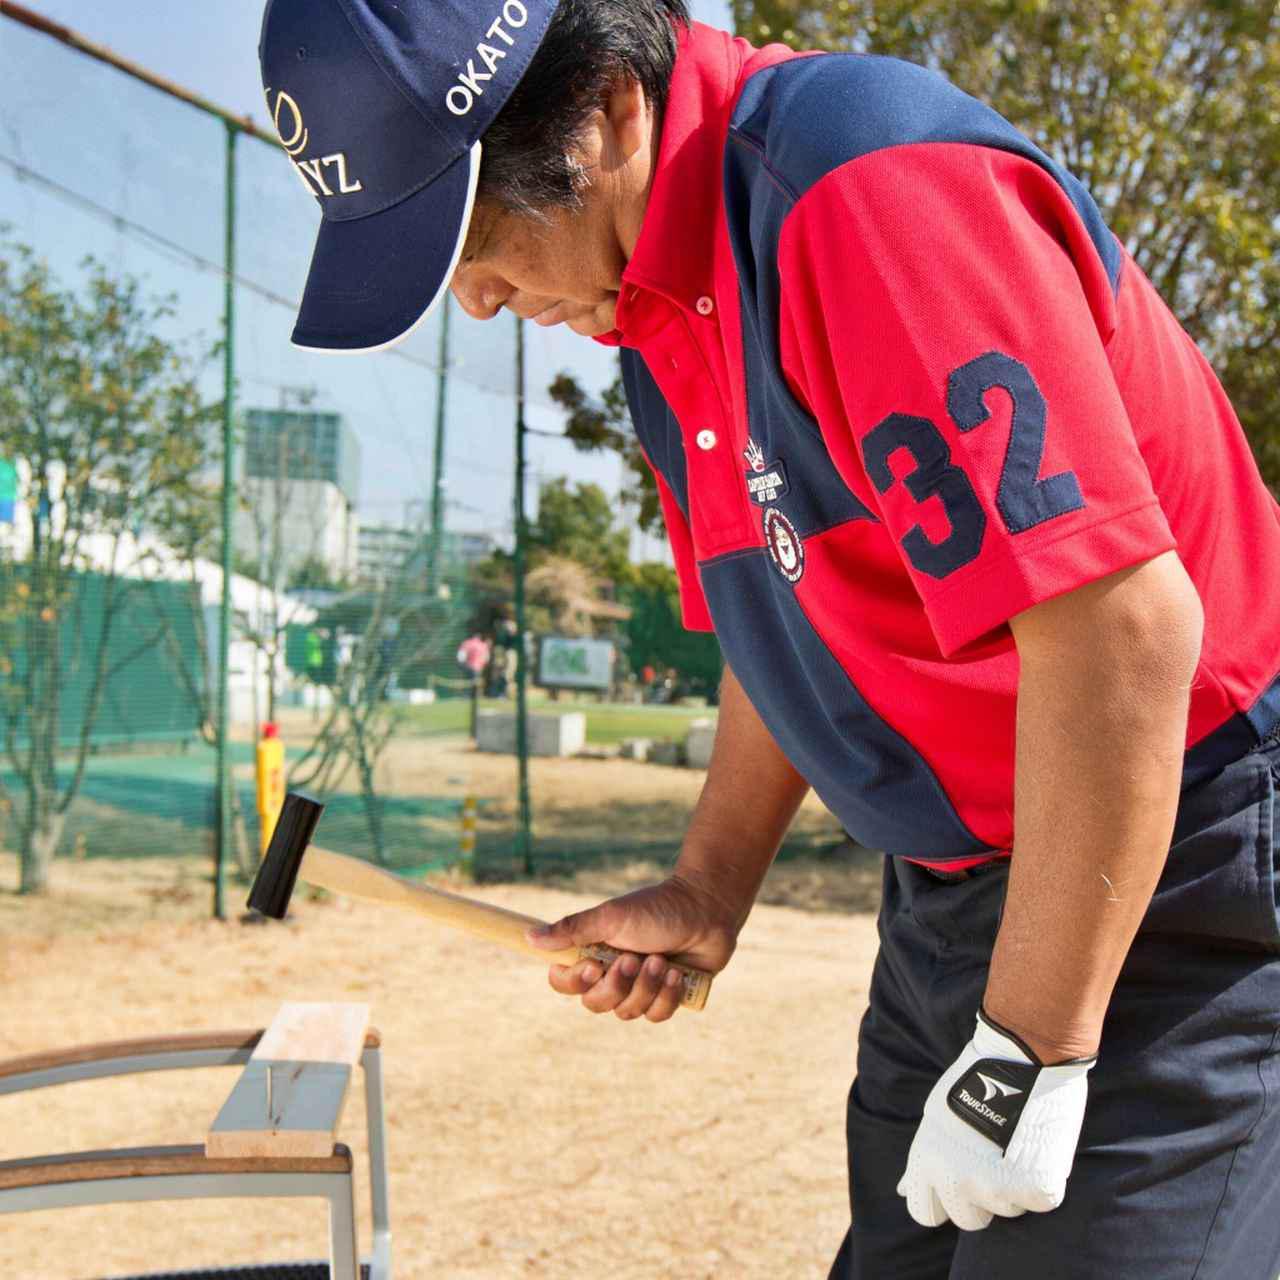 画像: 金槌のように、手首を柔らかく、縦方向に使うことがスウィングでも大切だ